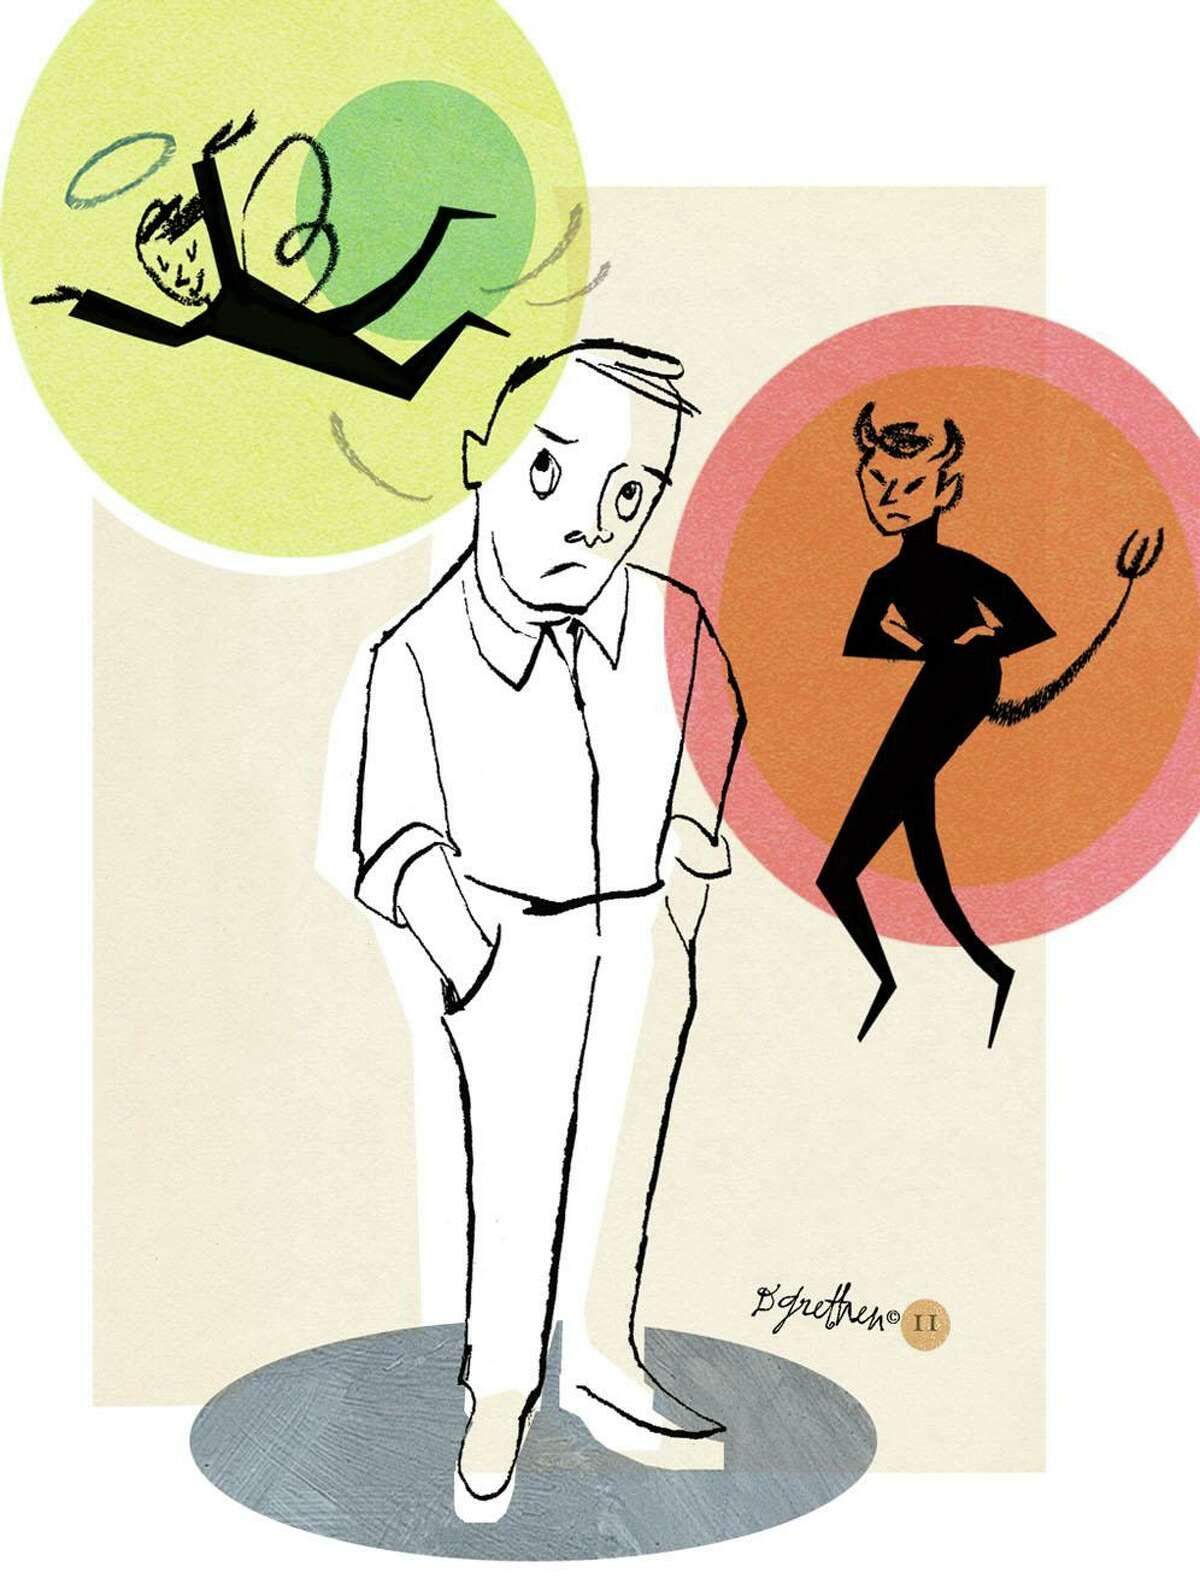 Donna Grethen illustration